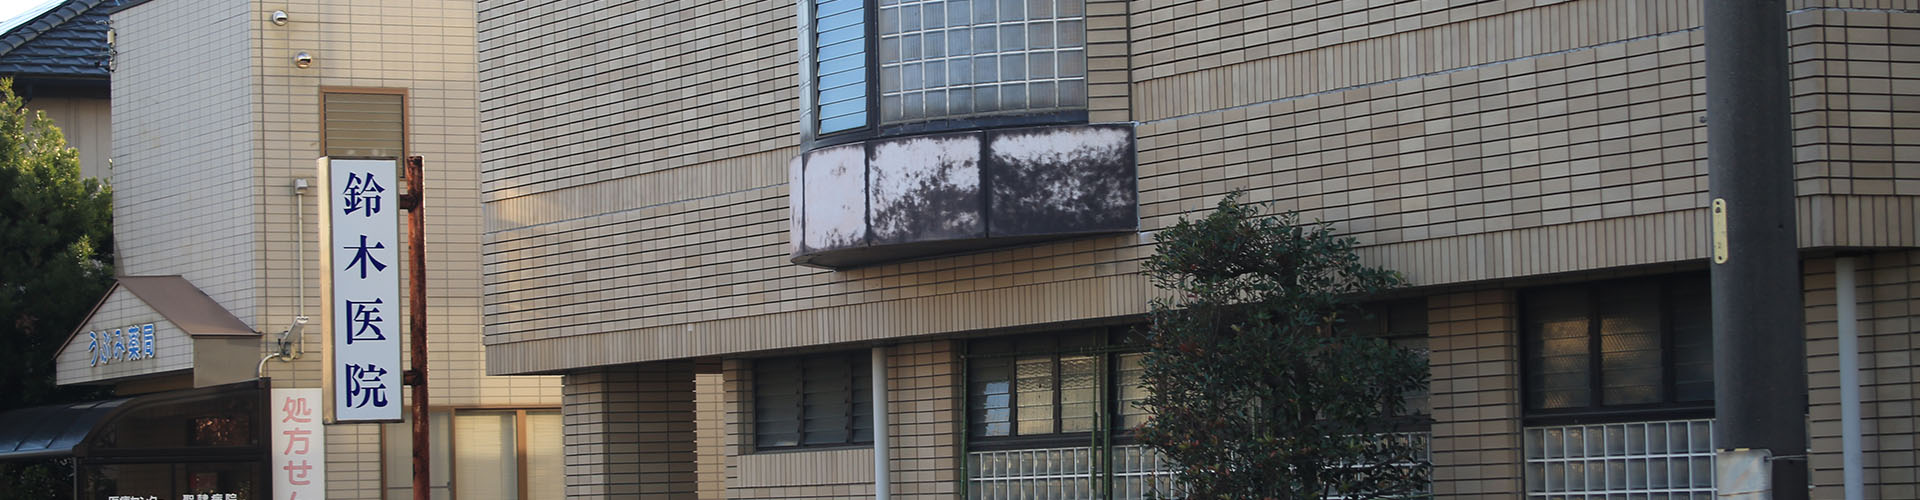 【看護職/浜松市西区】 病院・クリニック 鈴木医院 (正社員)の画像1